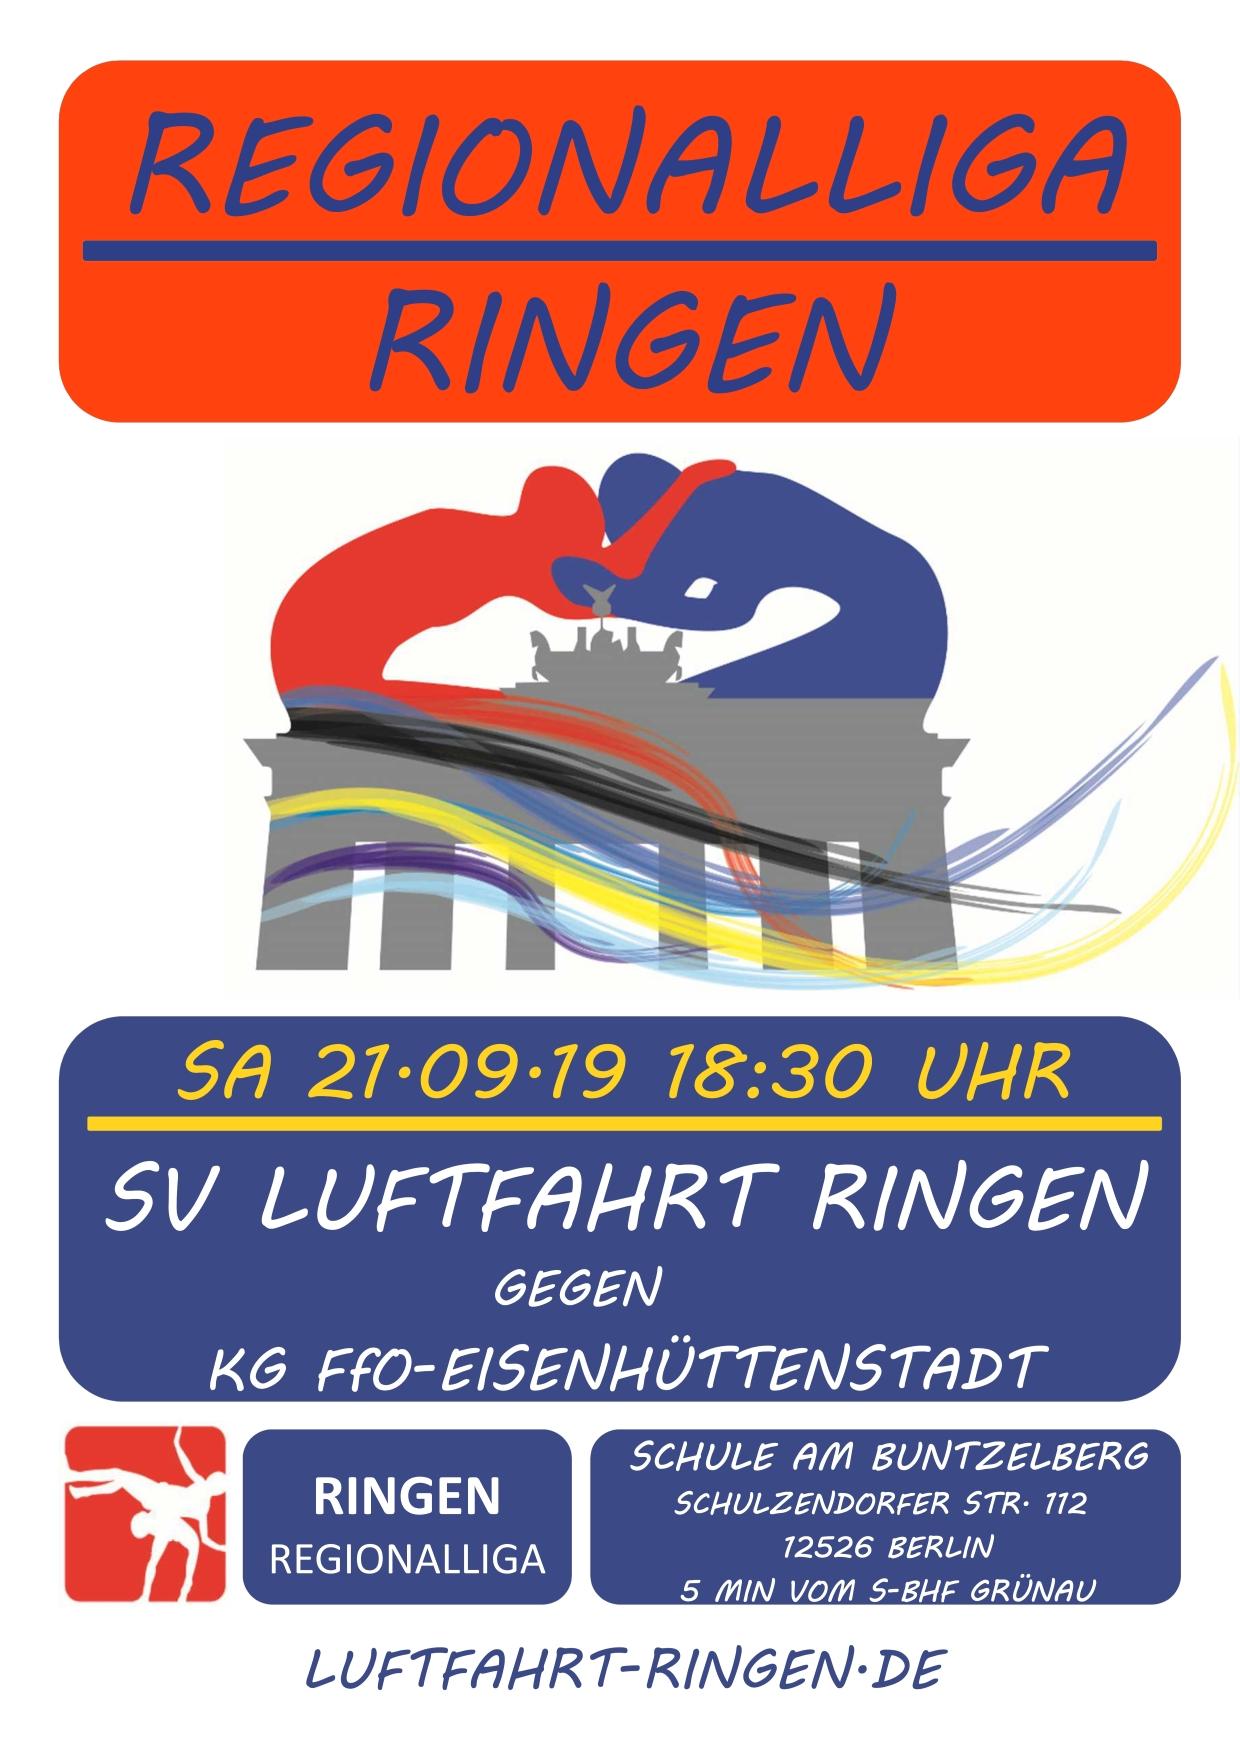 RL-Heimkampf vs RKG Frankfurt/O-Eisenhüttenstadt